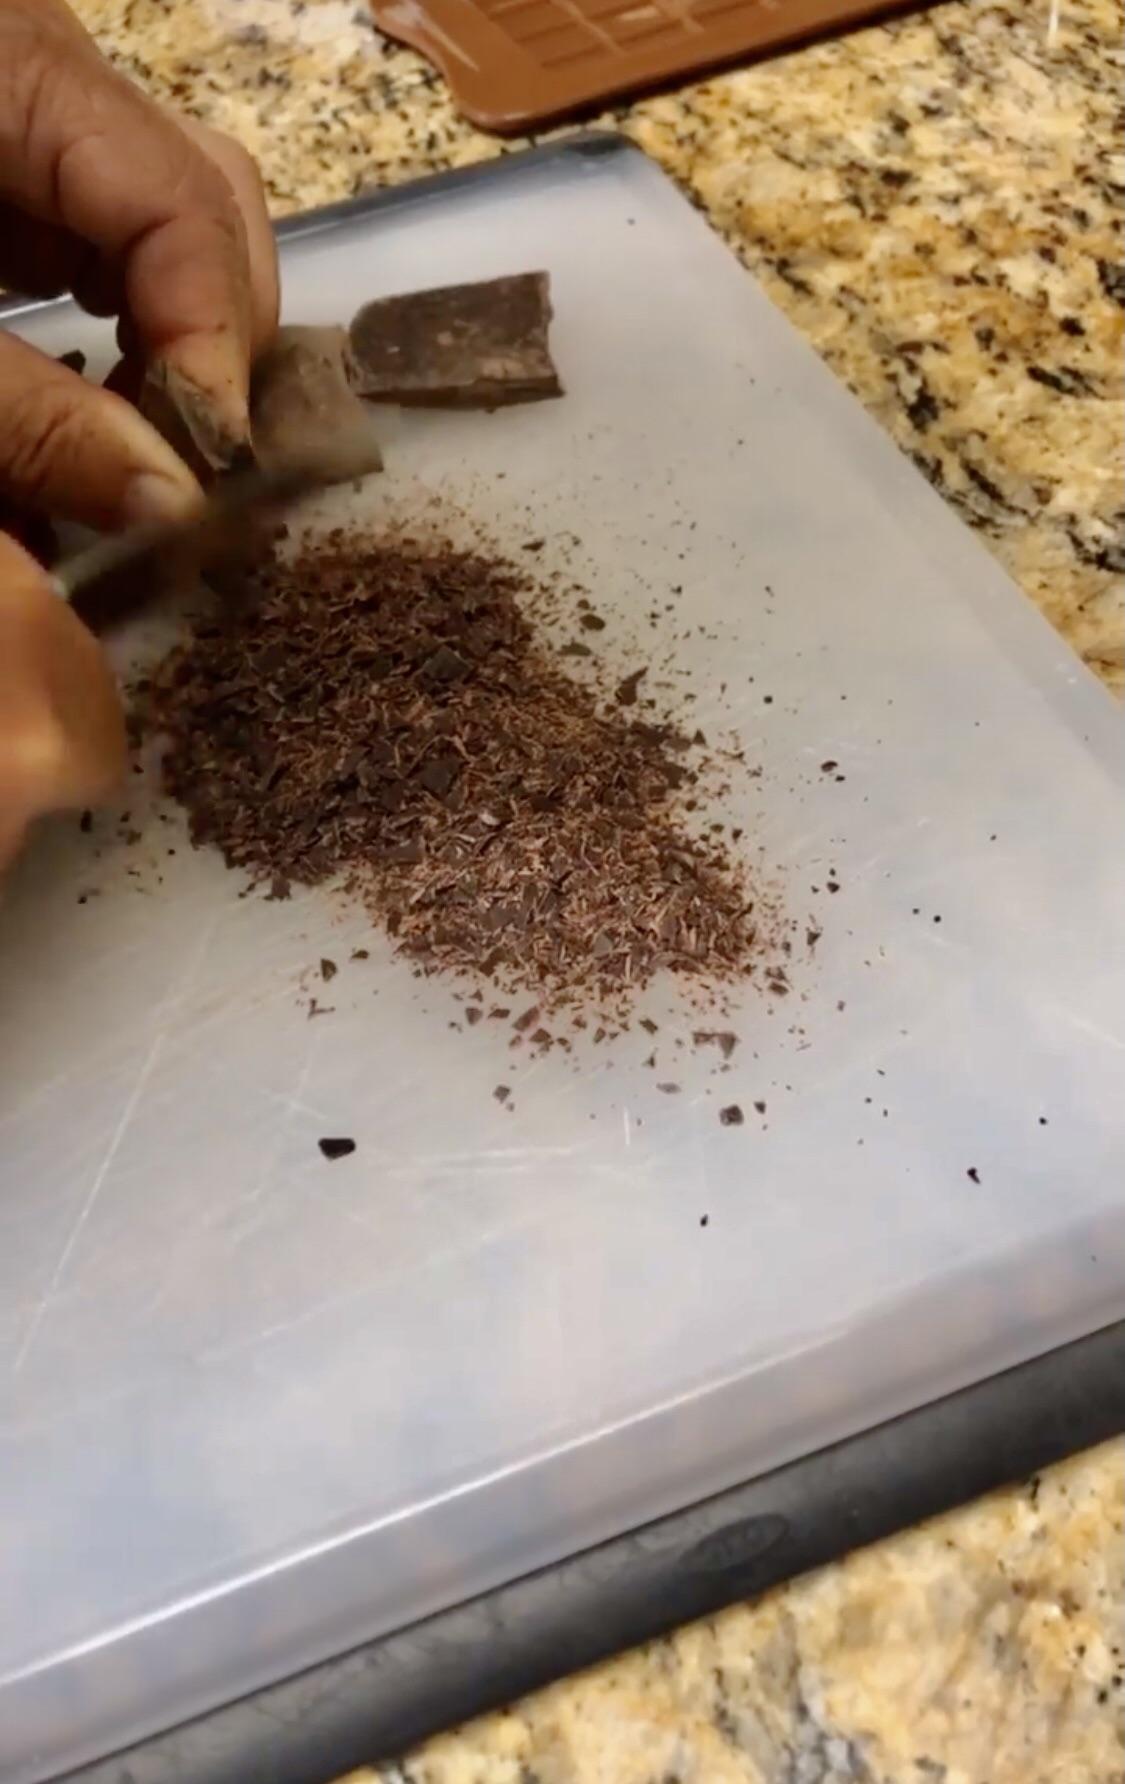 Спрессованный жмых какао-бобов.